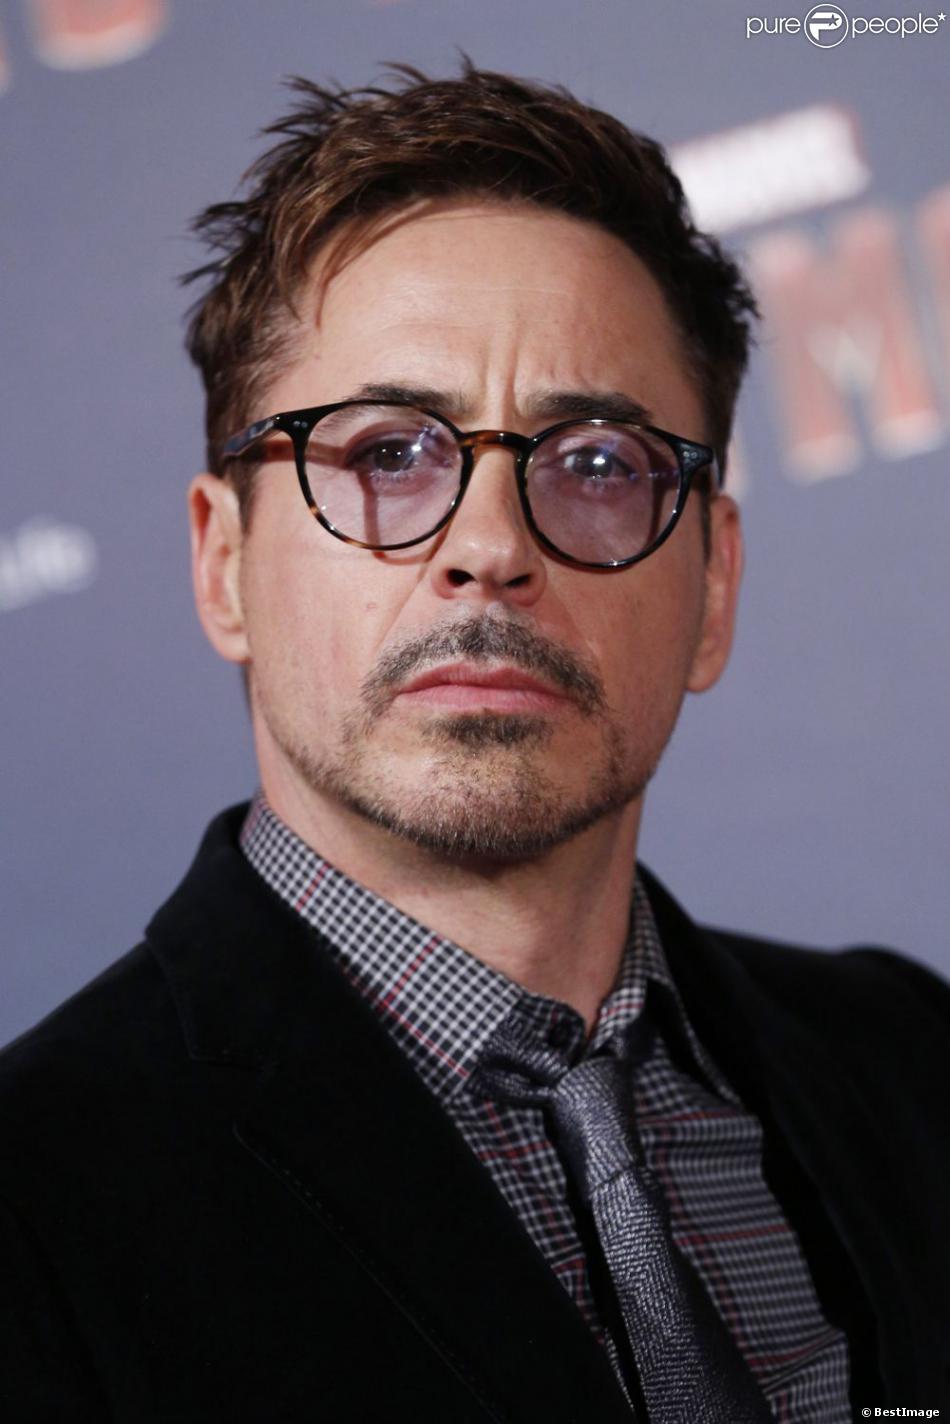 Robert Downey Jr. lors de l'avant-première parisienne d'Iron Man 3 au Grand Rex le 14 avril 2013.